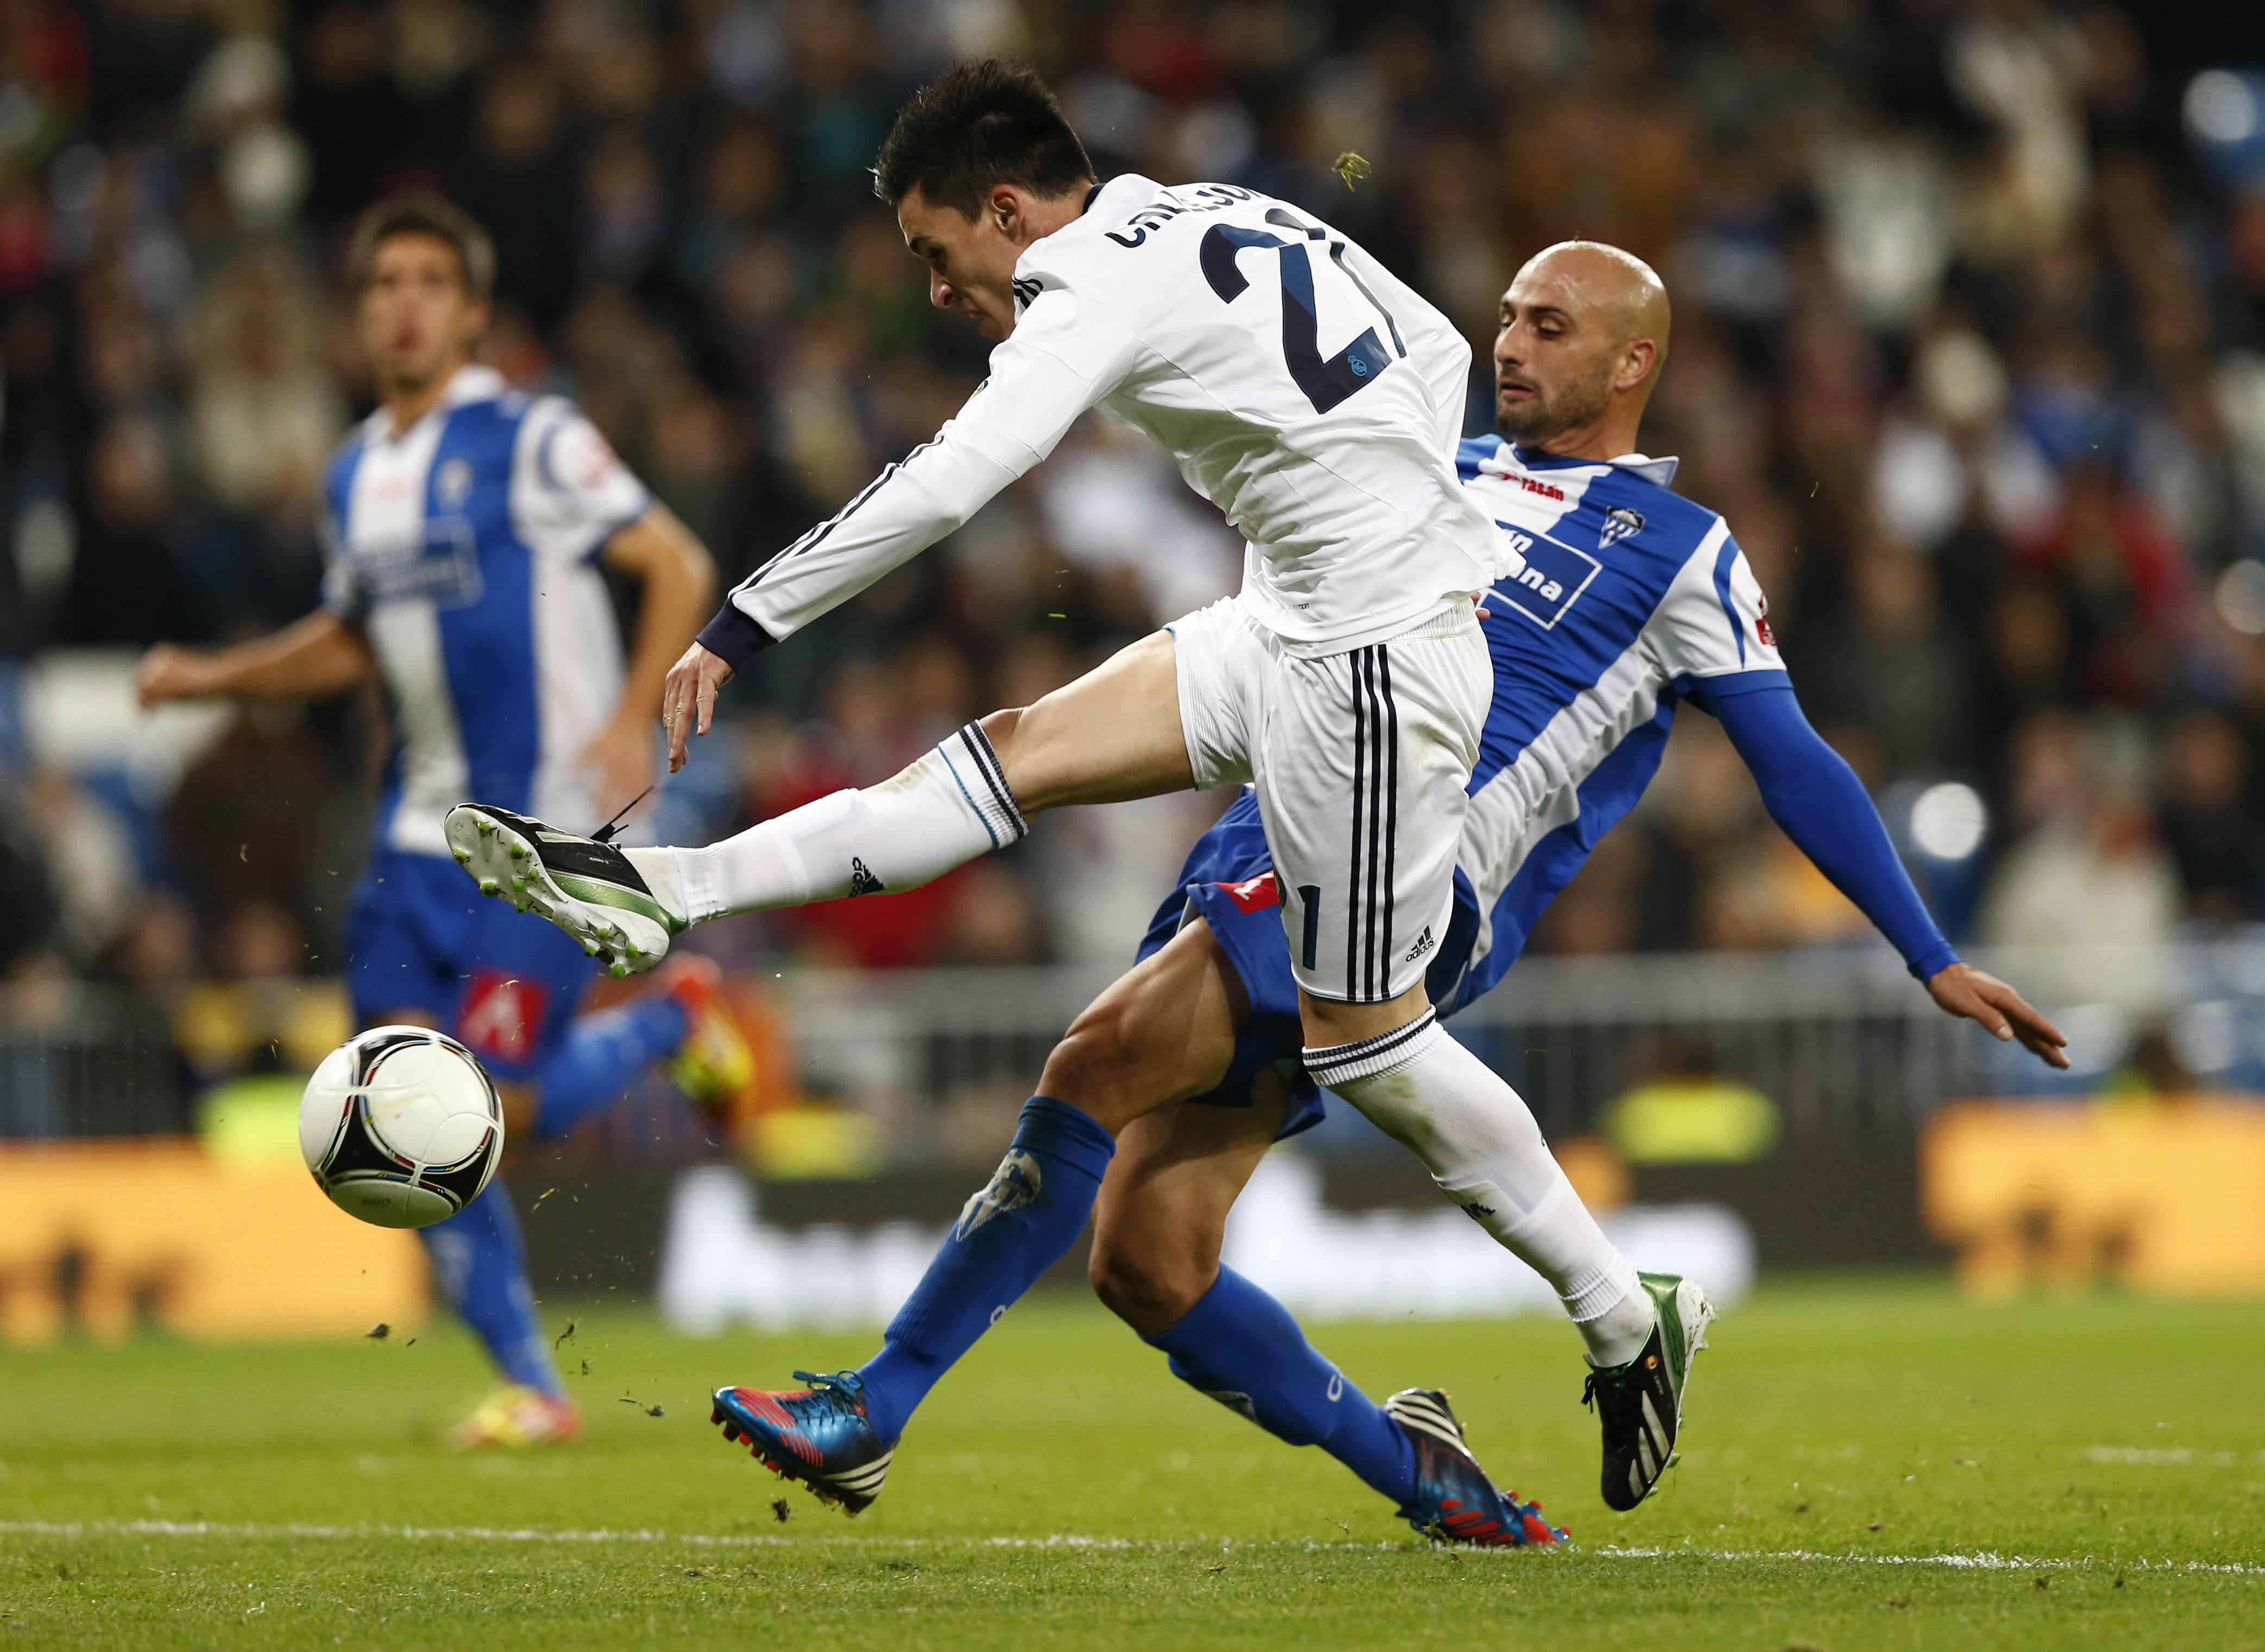 Real Madrid v CD Alcoyano - Copa del Rey